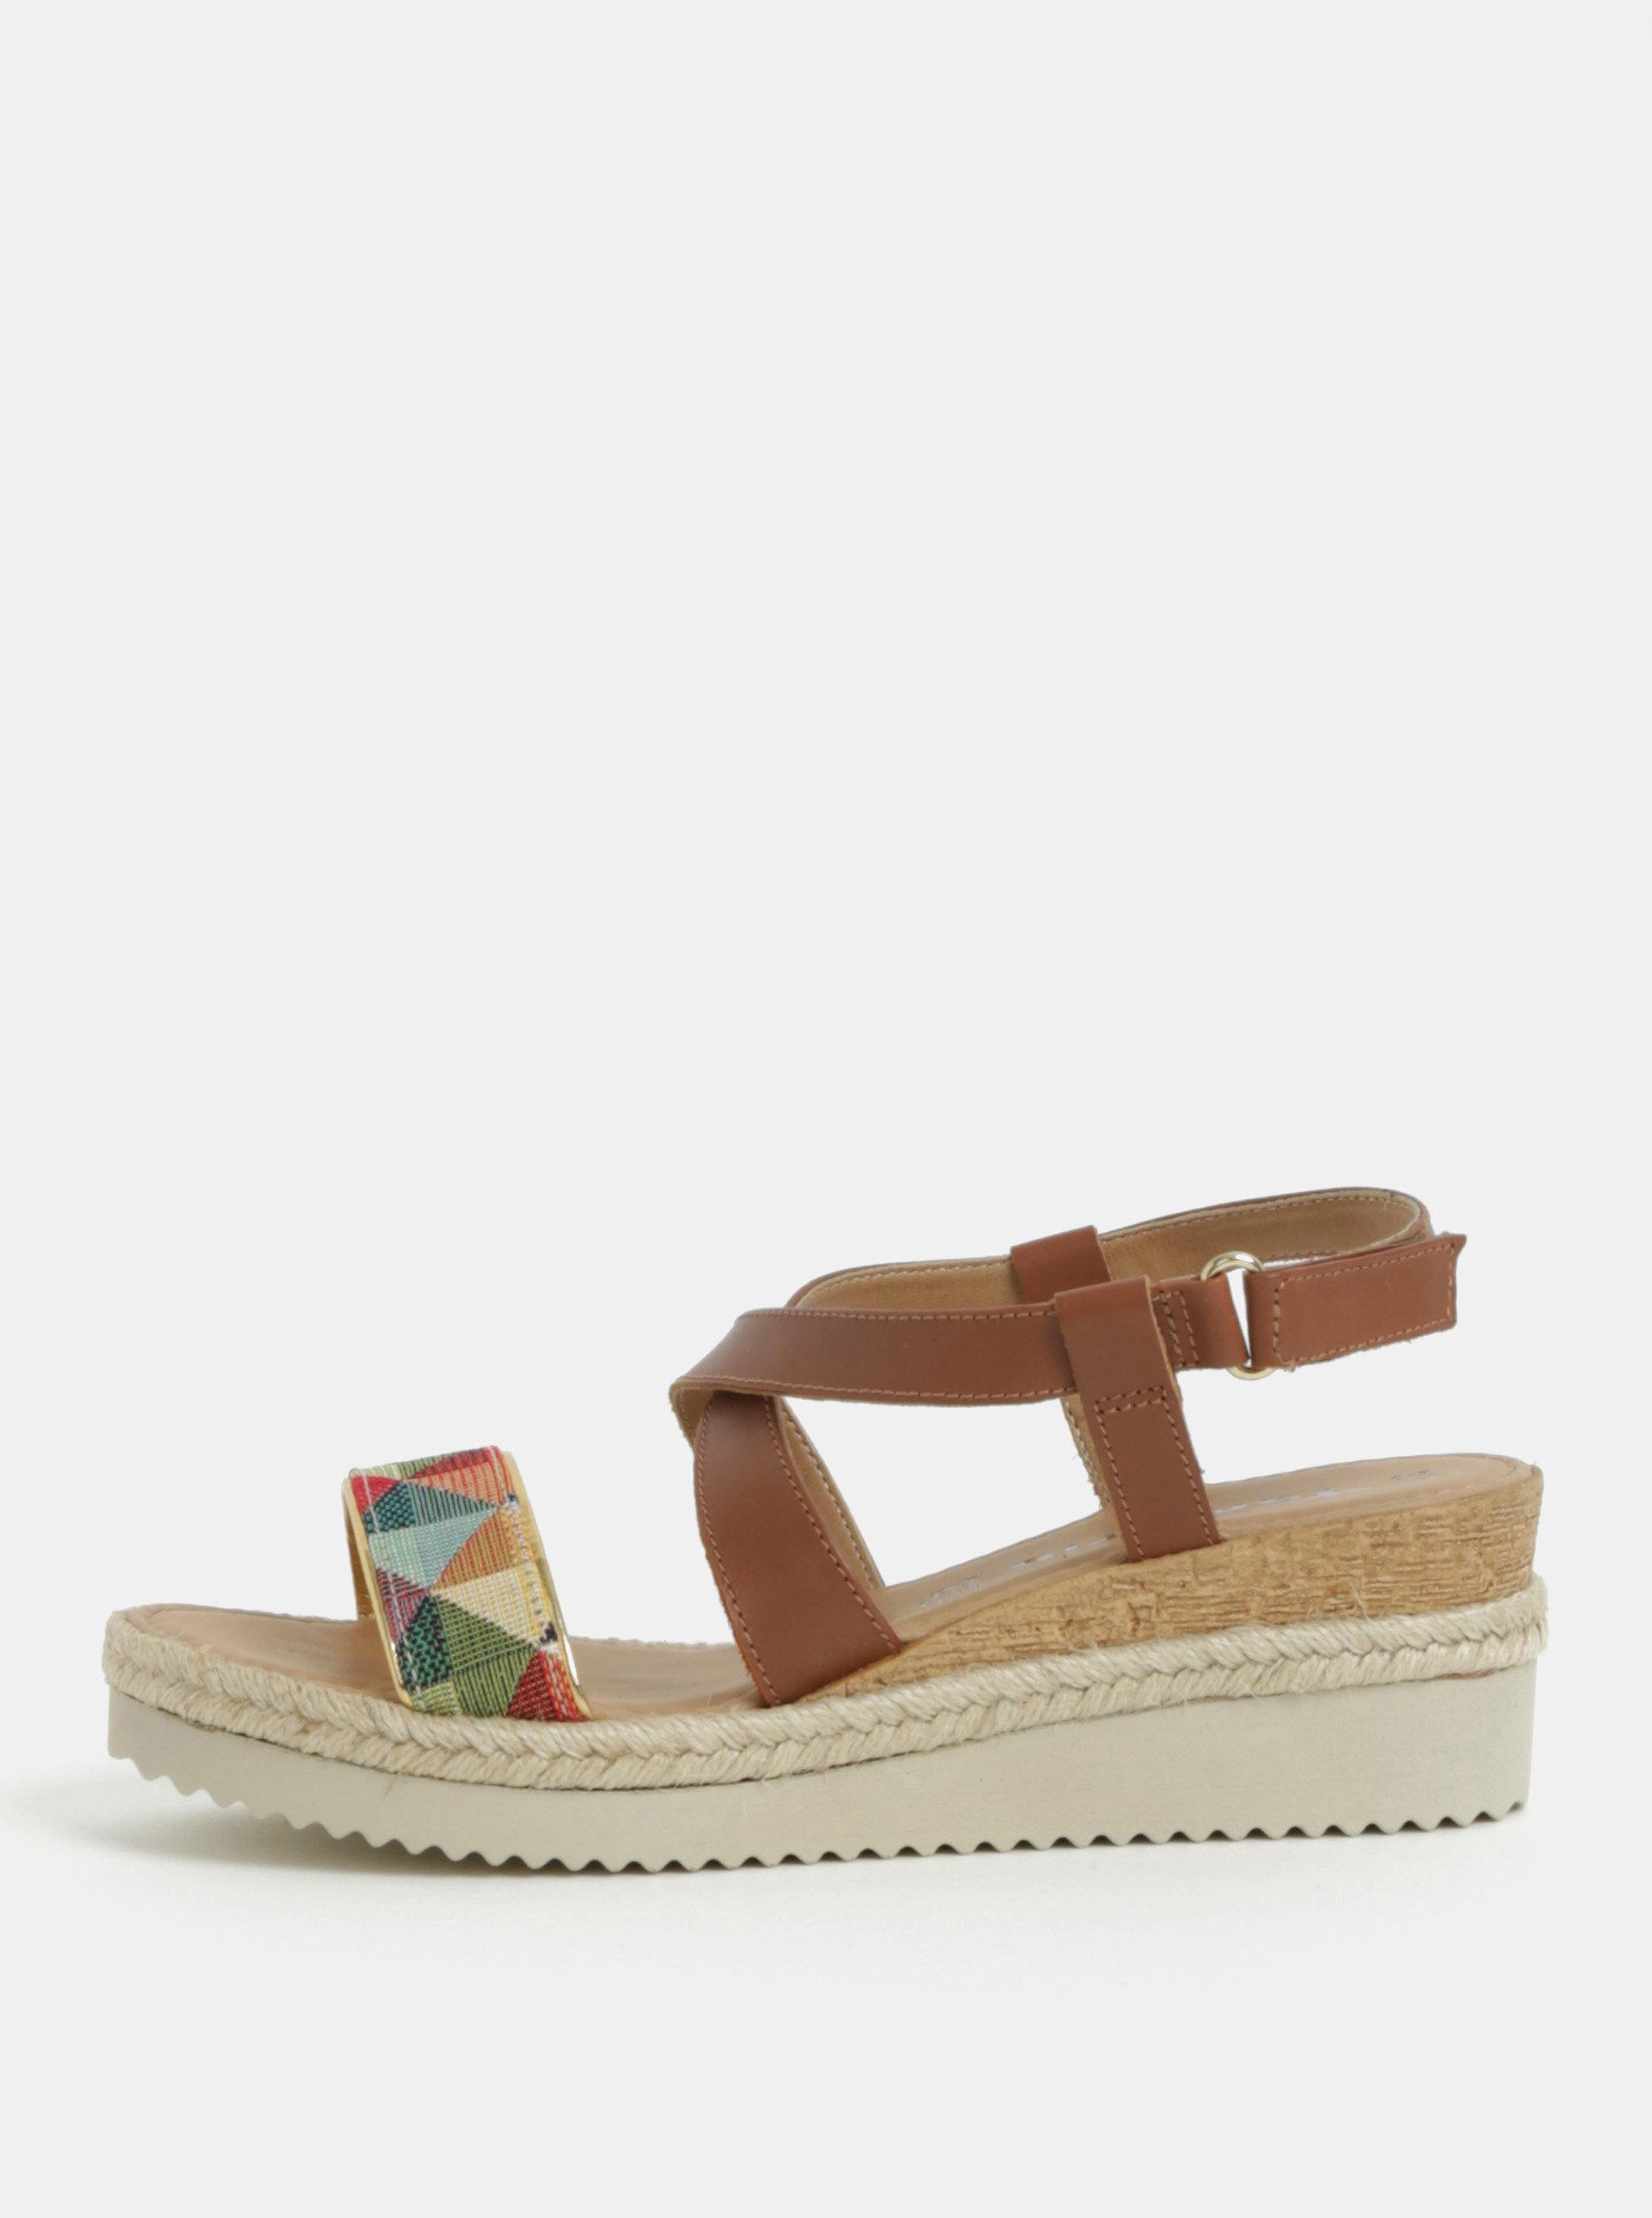 Hnědé kožené sandály na klínku s barevným vzorem Tamaris